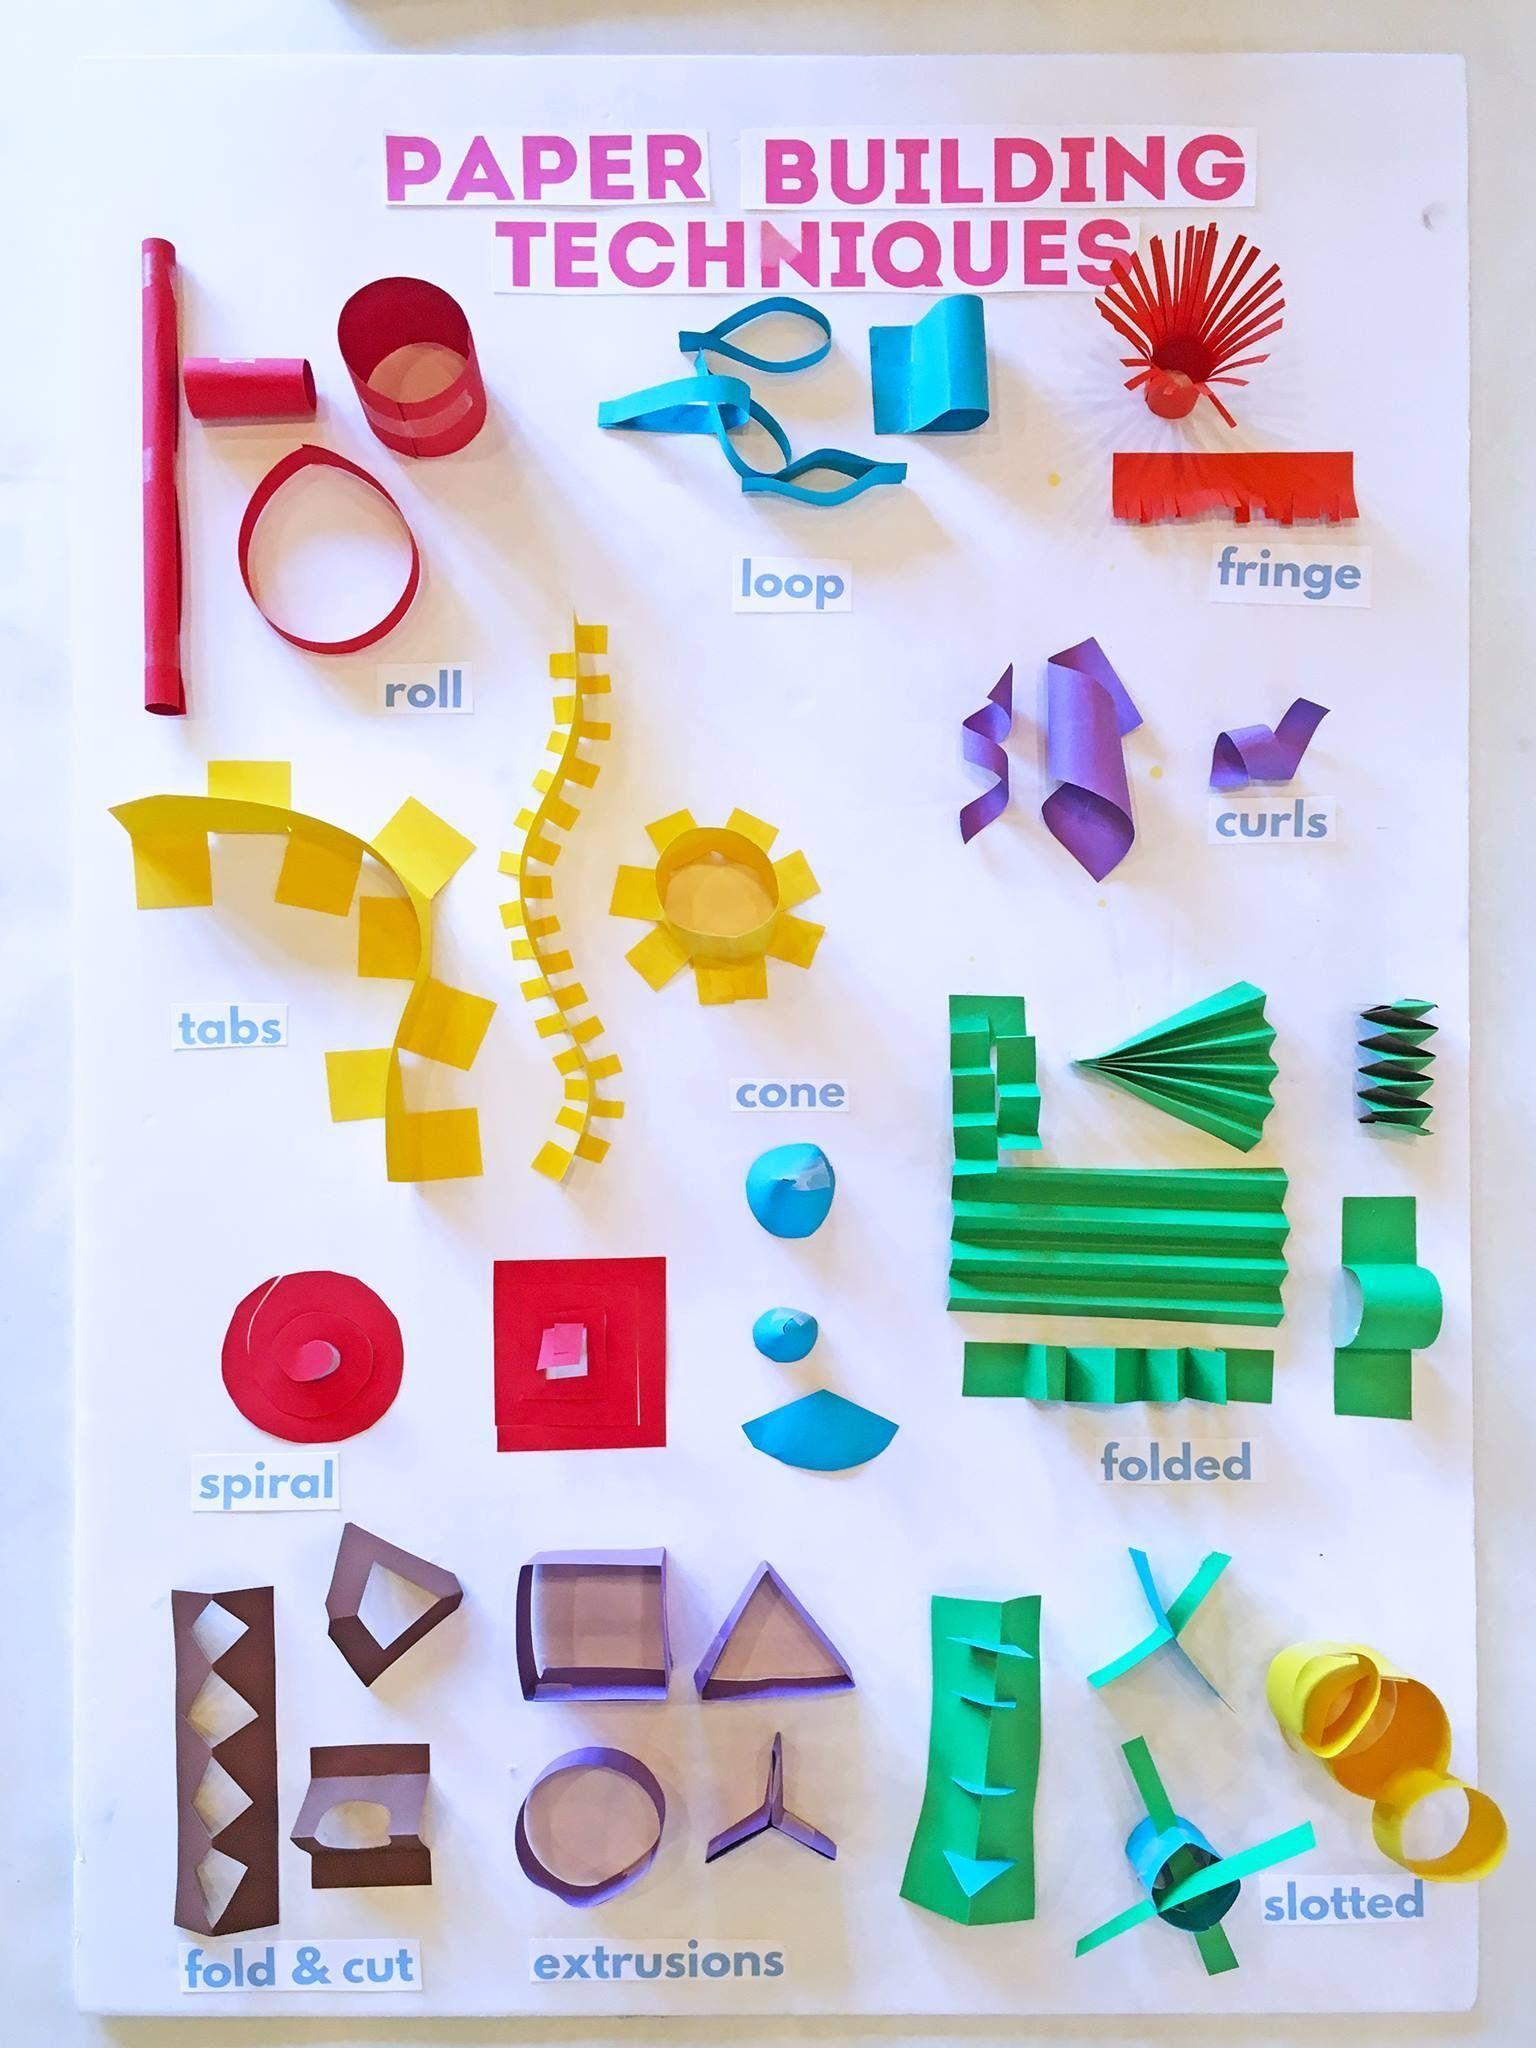 Best 11 3d Paper Sculptures Techniques Poster